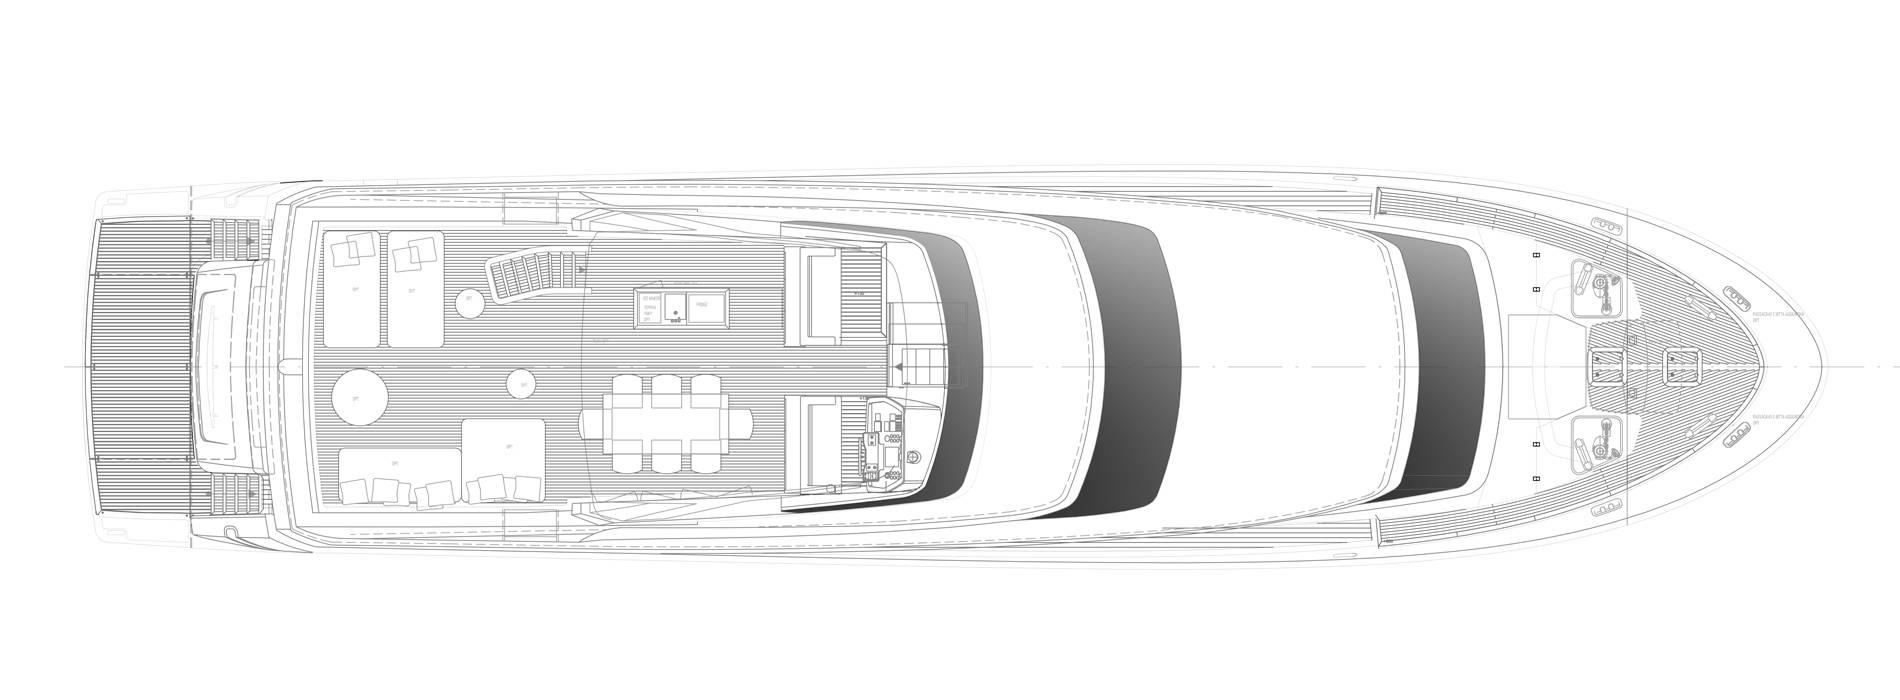 Sanlorenzo Yachts SL96-631 under offer 飞桥